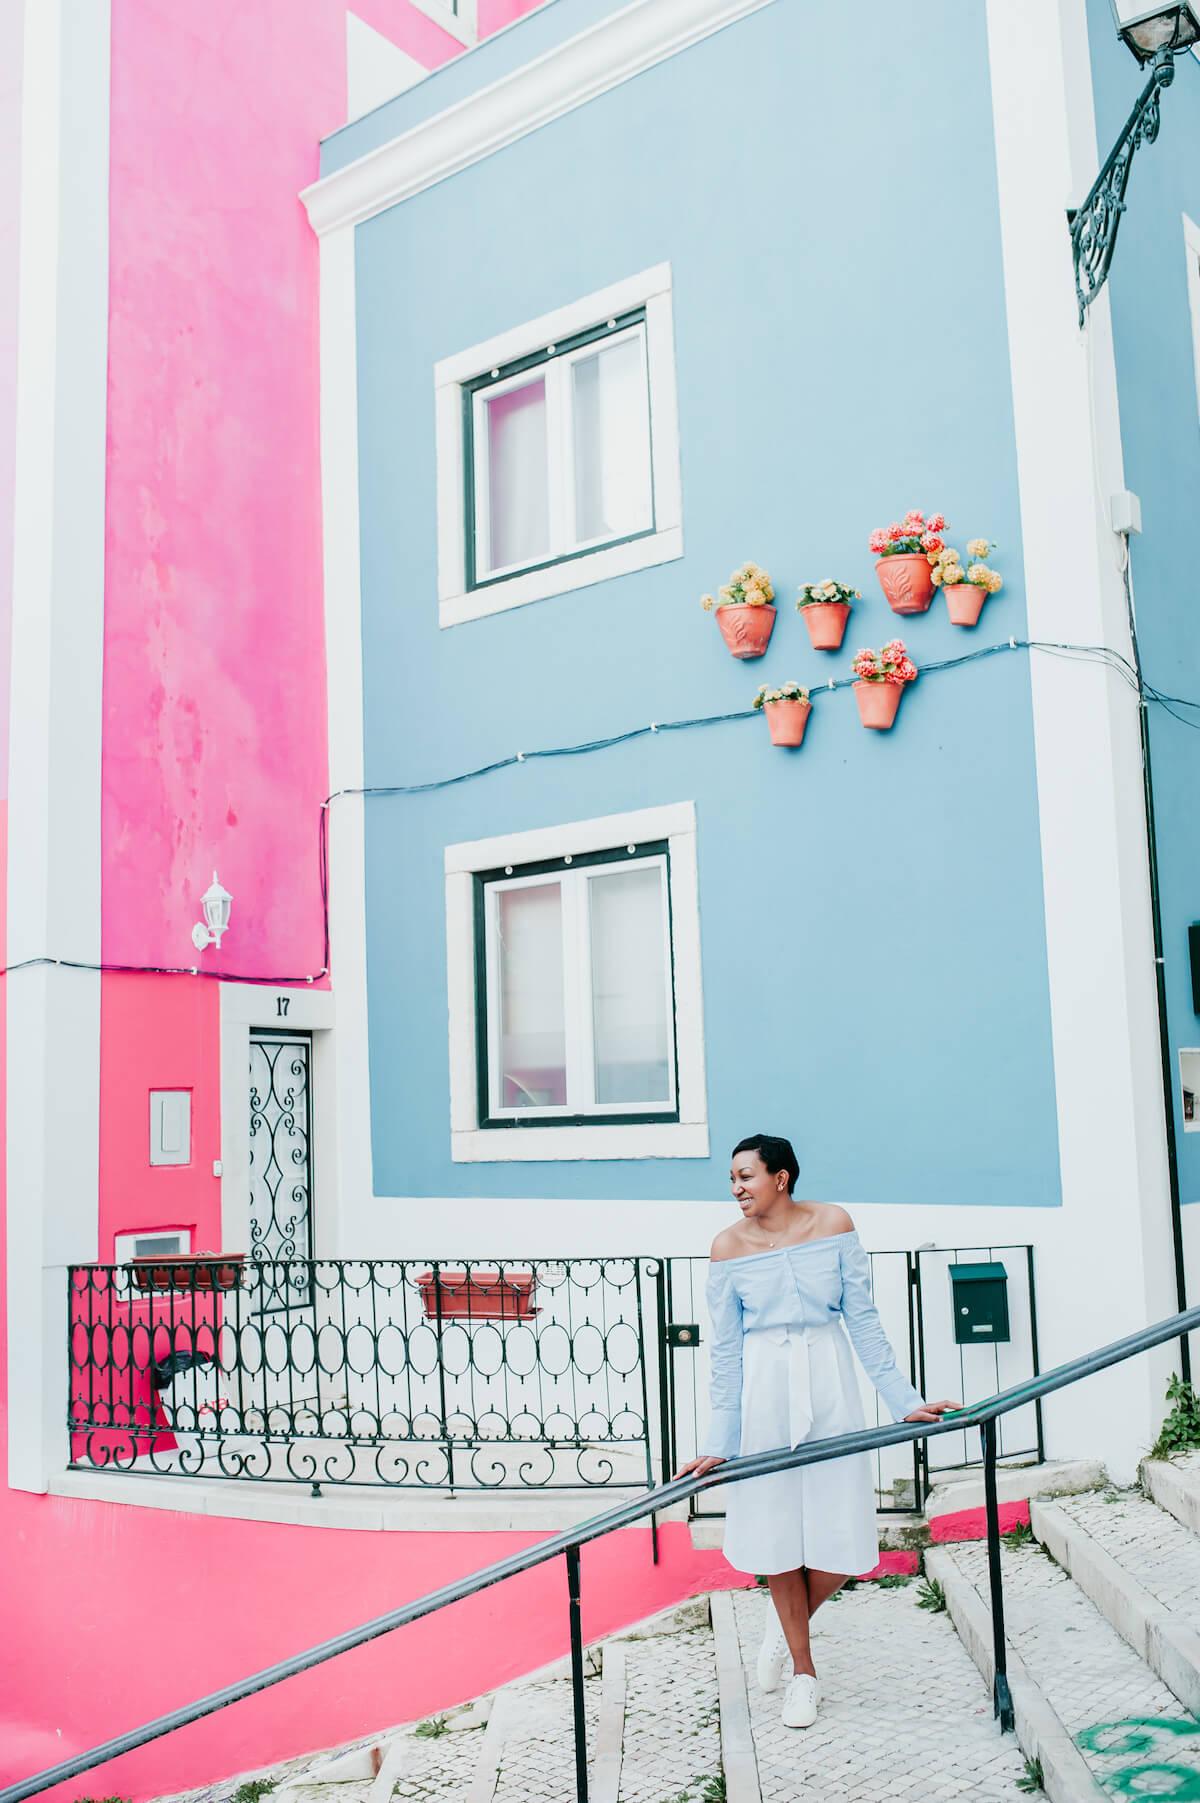 Solo traveller international women's day 2020 Lisbon Portugal